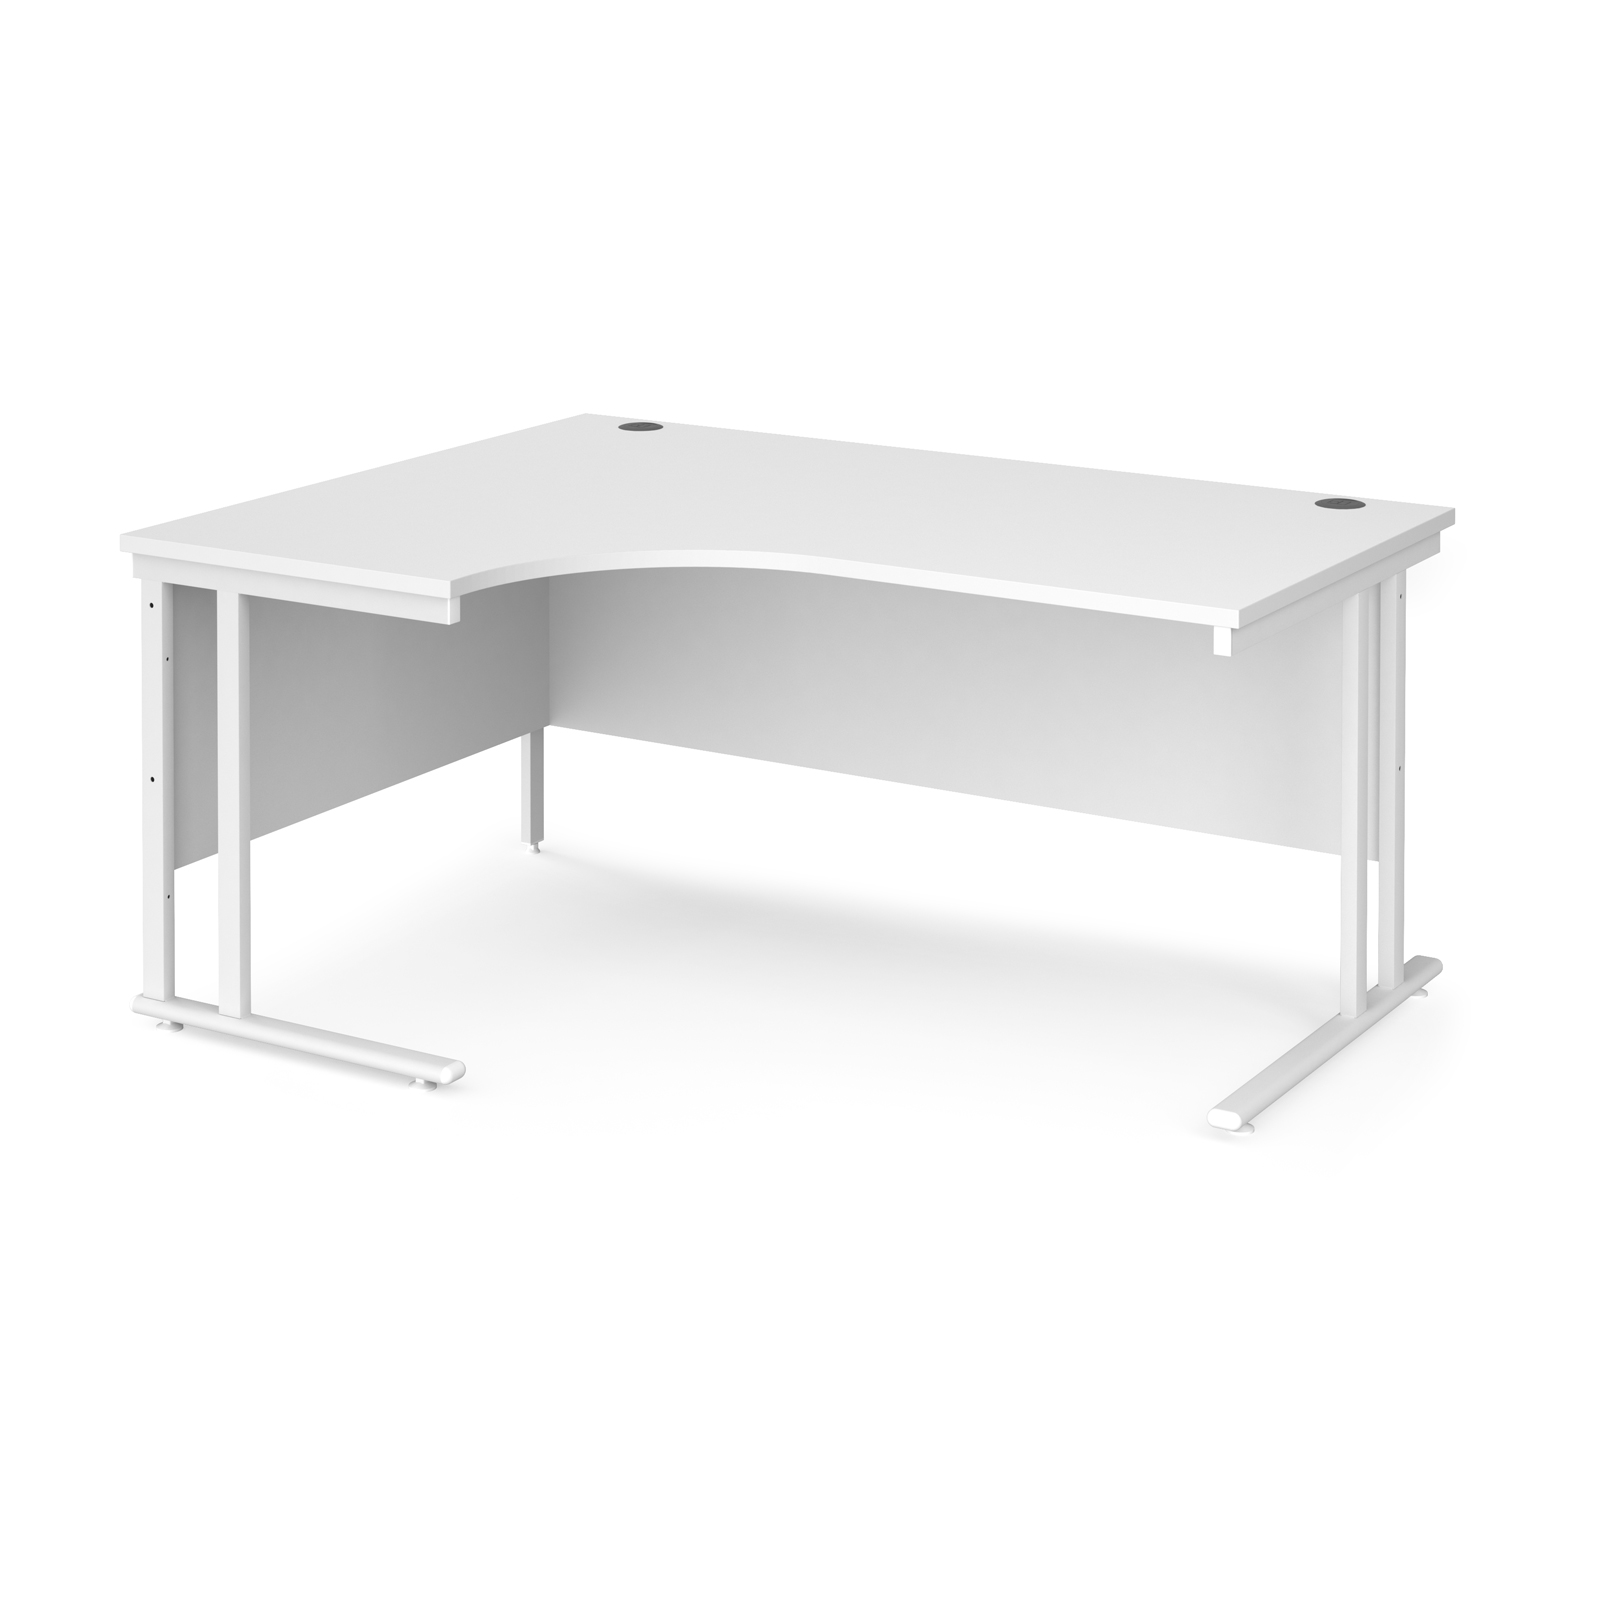 Maestro 25 left hand ergonomic desk 1600mm wide - white cantilever leg frame, white top